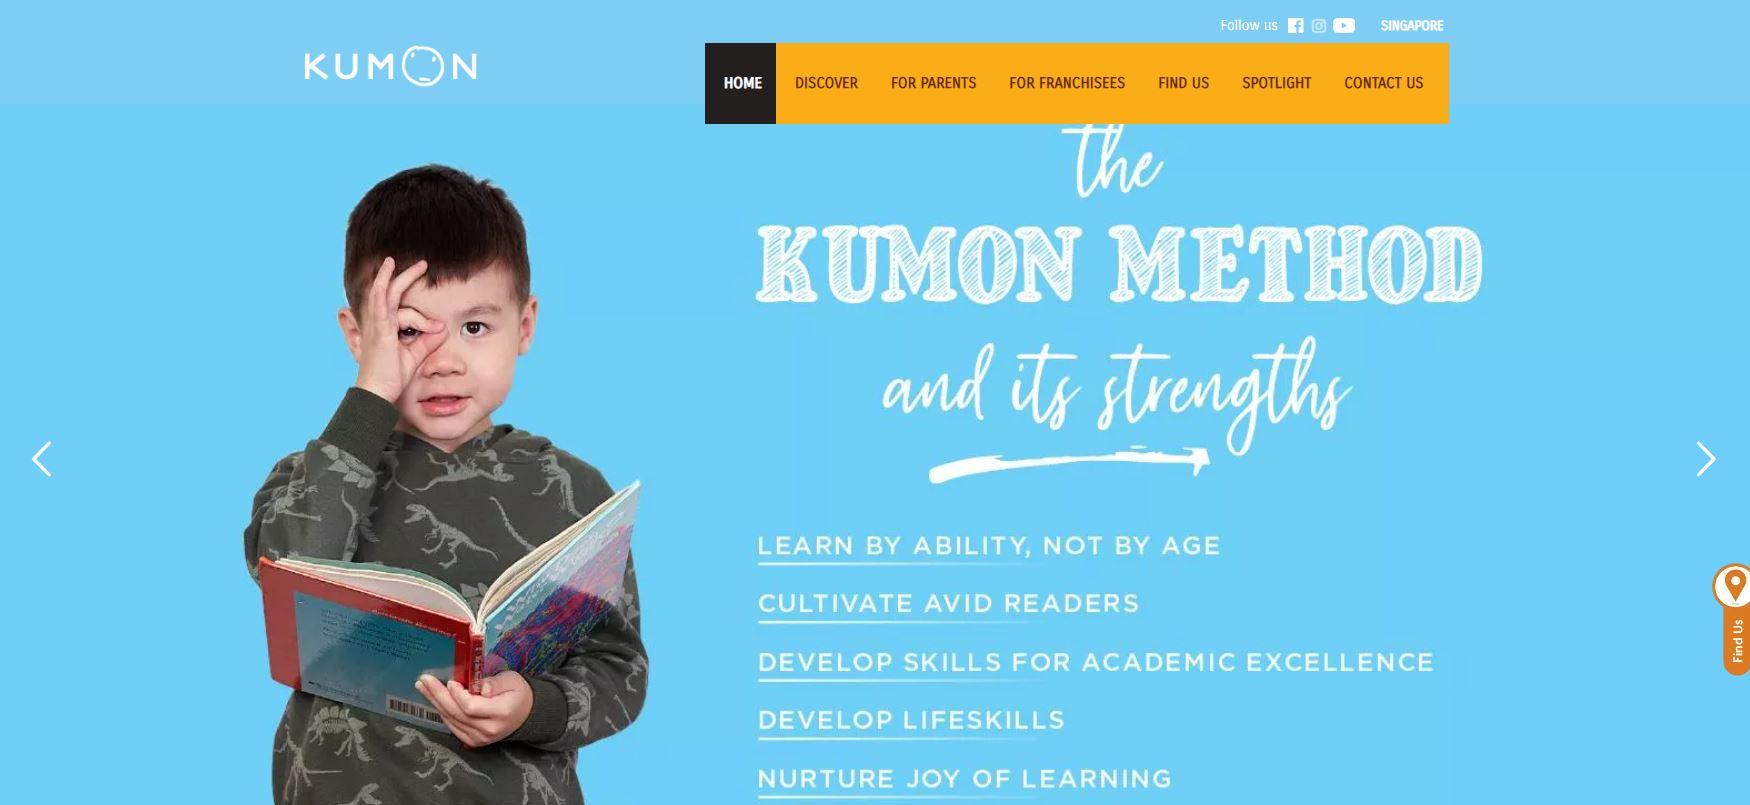 Kumon-Maths-Tuition